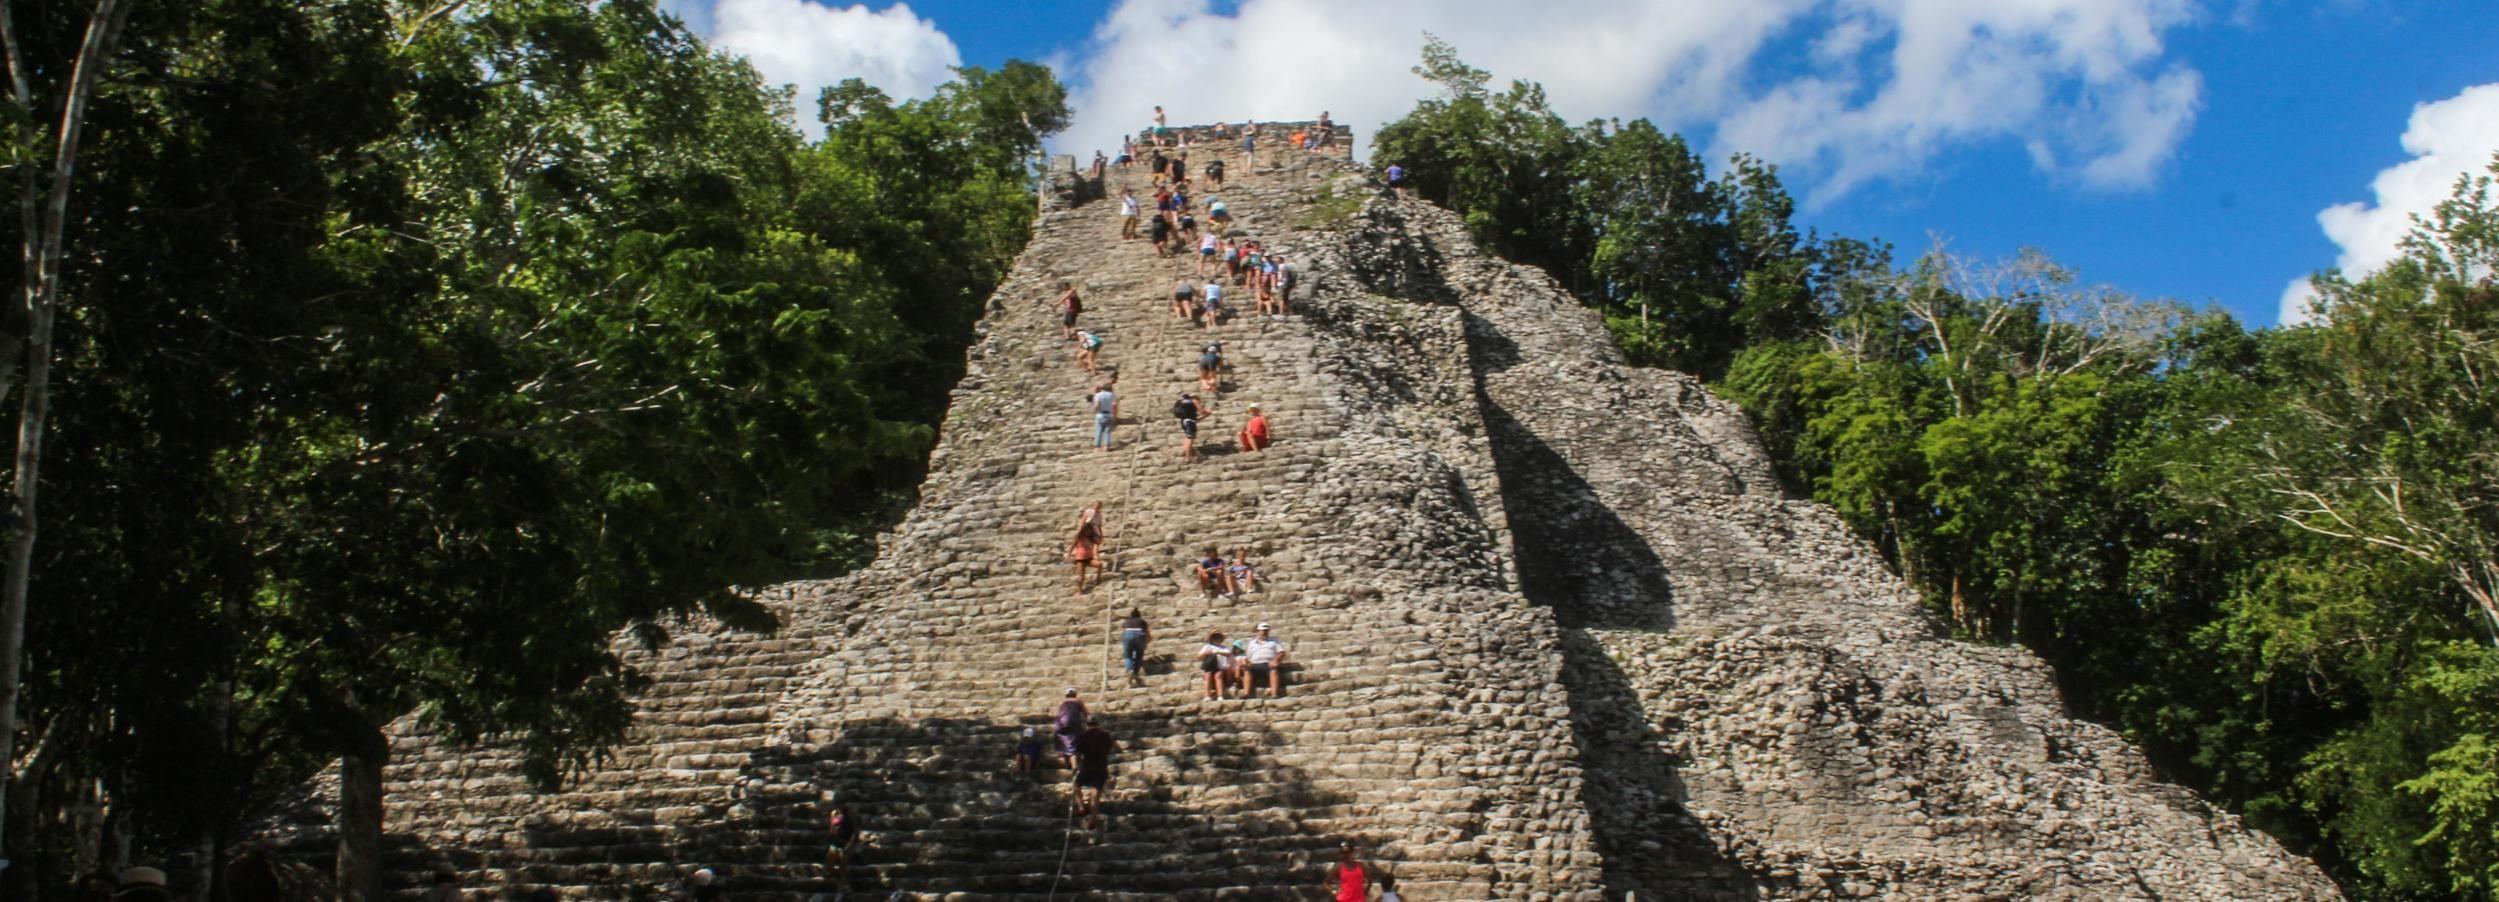 Tulum, Coba y cenote: excursión de 1 día